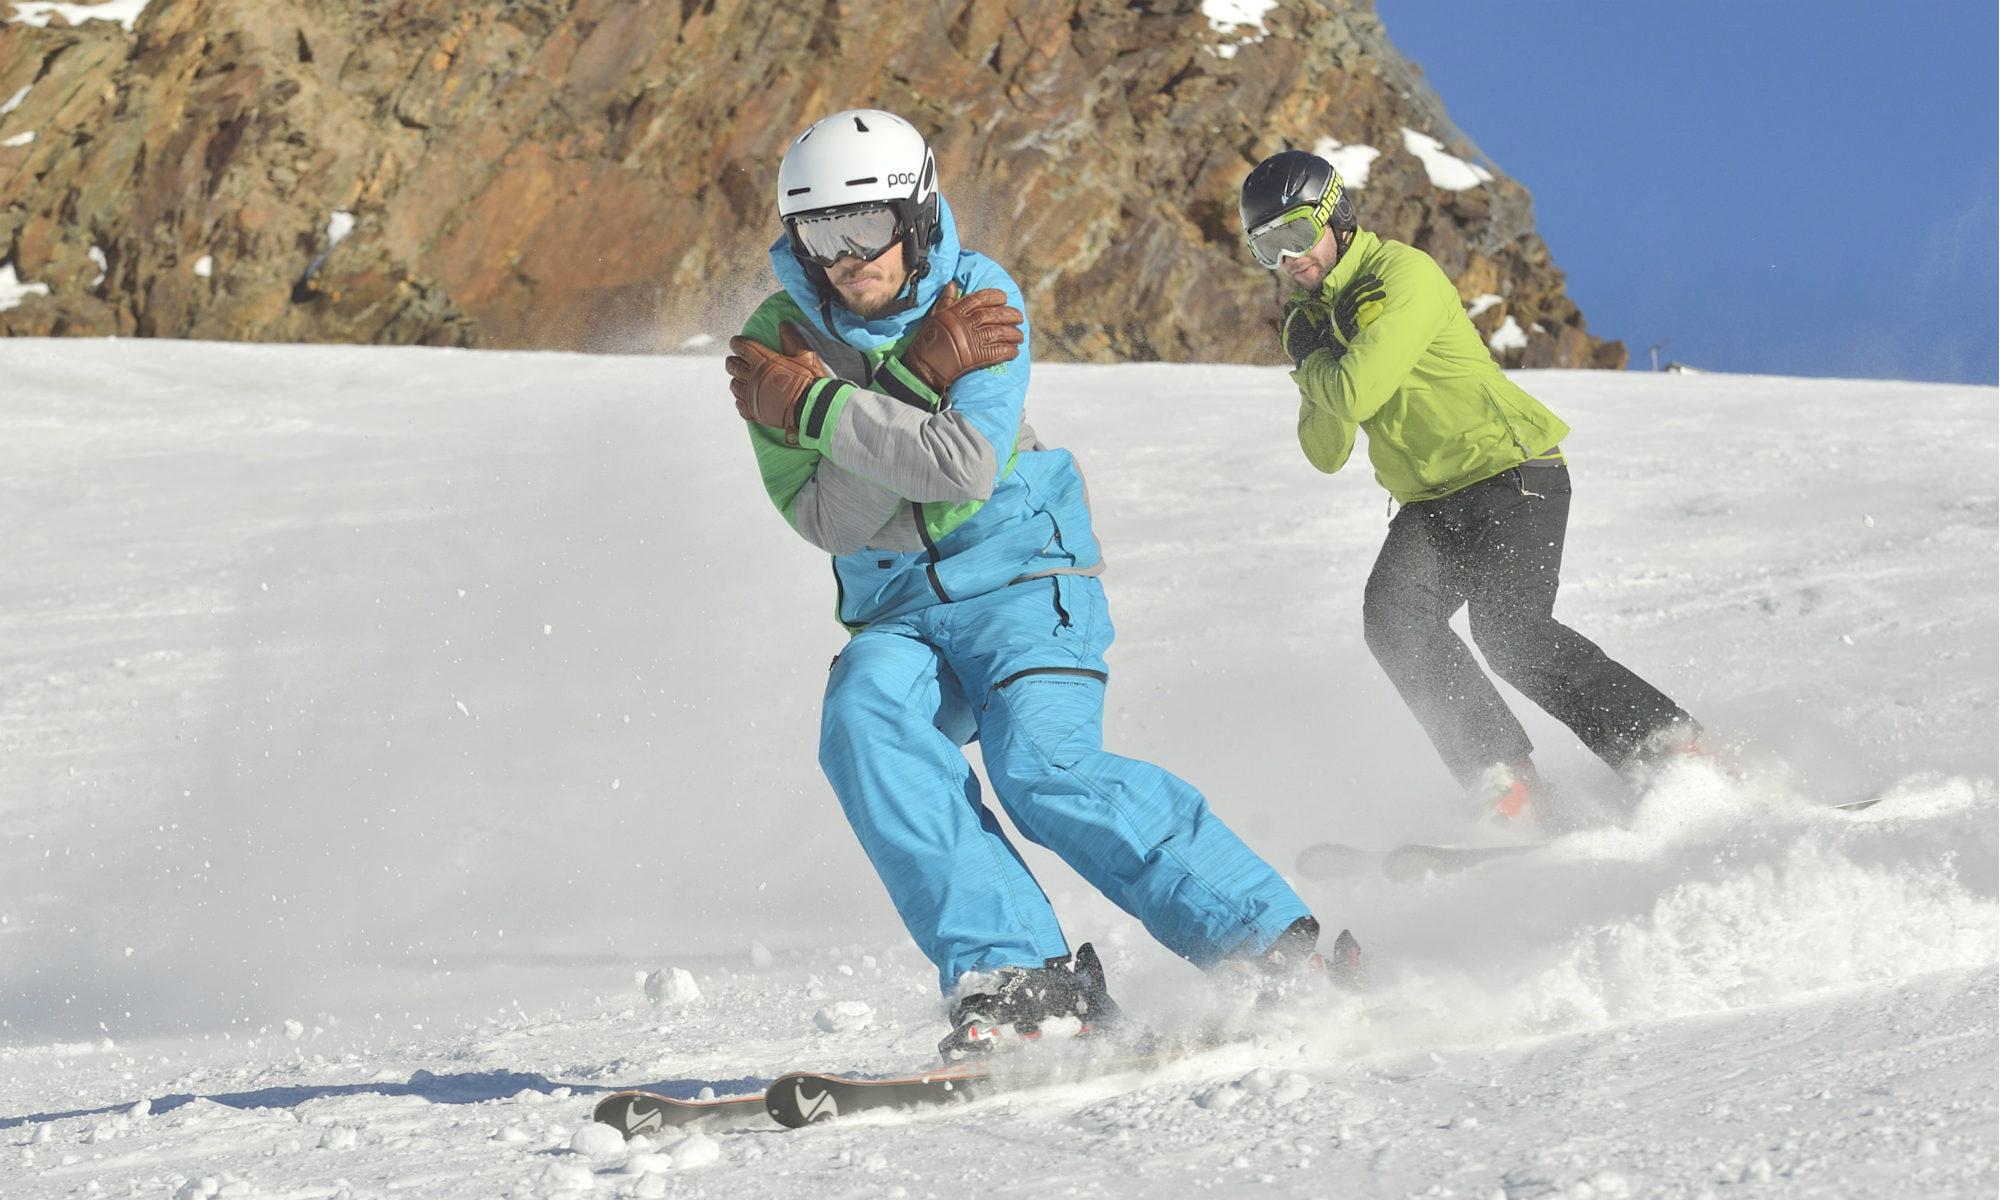 Deux skieurs travaillent le transfert de poids.